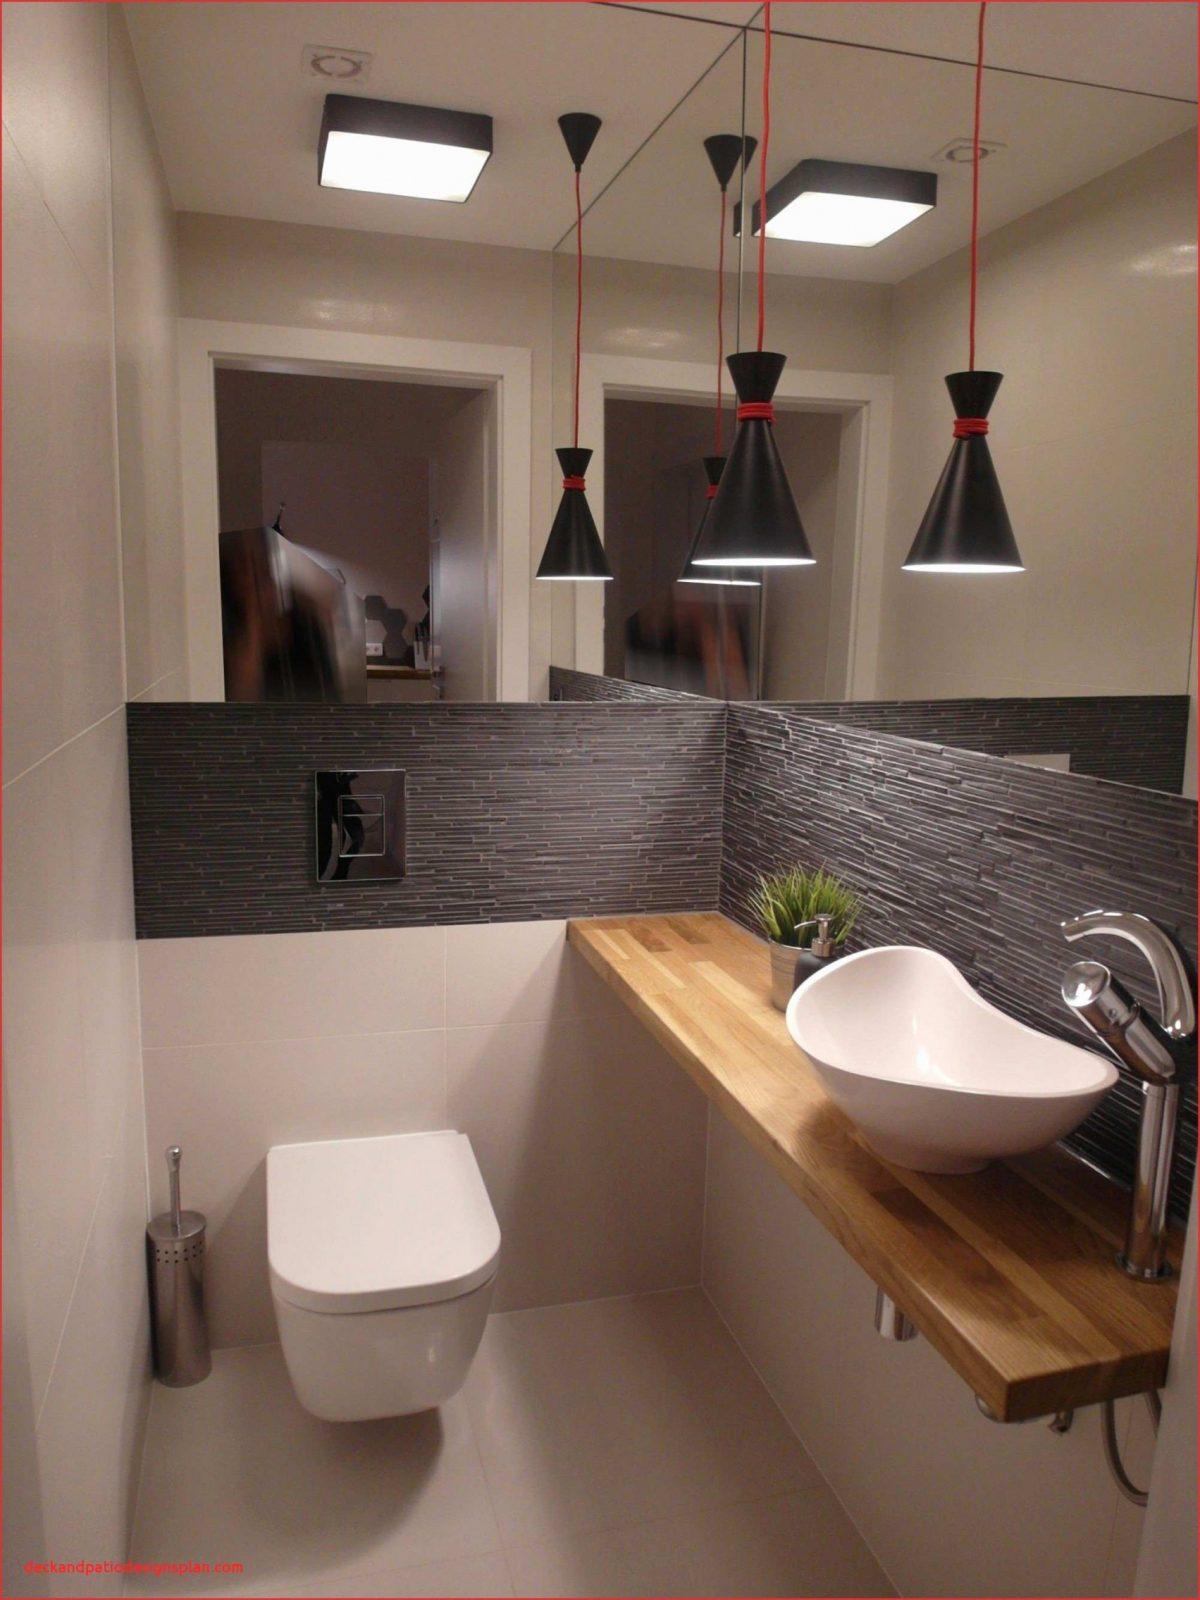 3D Fliesen Neu Badezimmer Deko Ideen Schick Badezimmer von Ideen Für Badezimmer Fliesen Bild